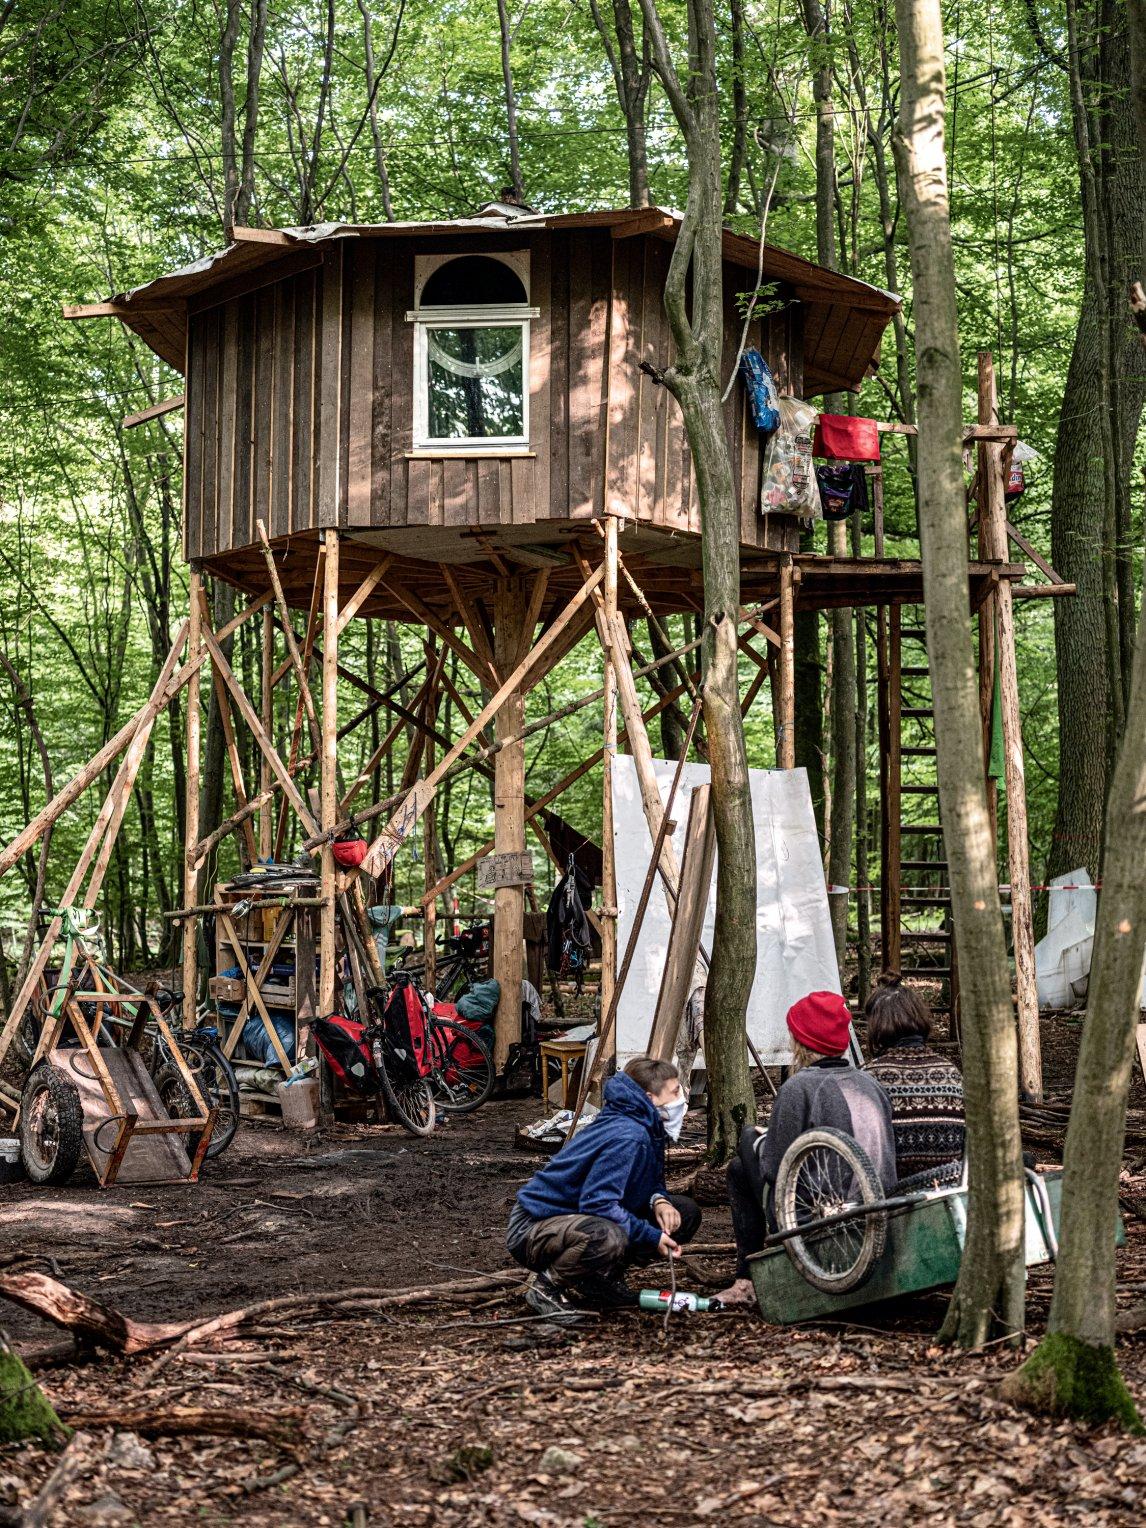 <p>Forsthaus: Die WaldbesetzerInnen haben sich Hütten auf Stelzen und in den Baumkronen gebaut.</p>